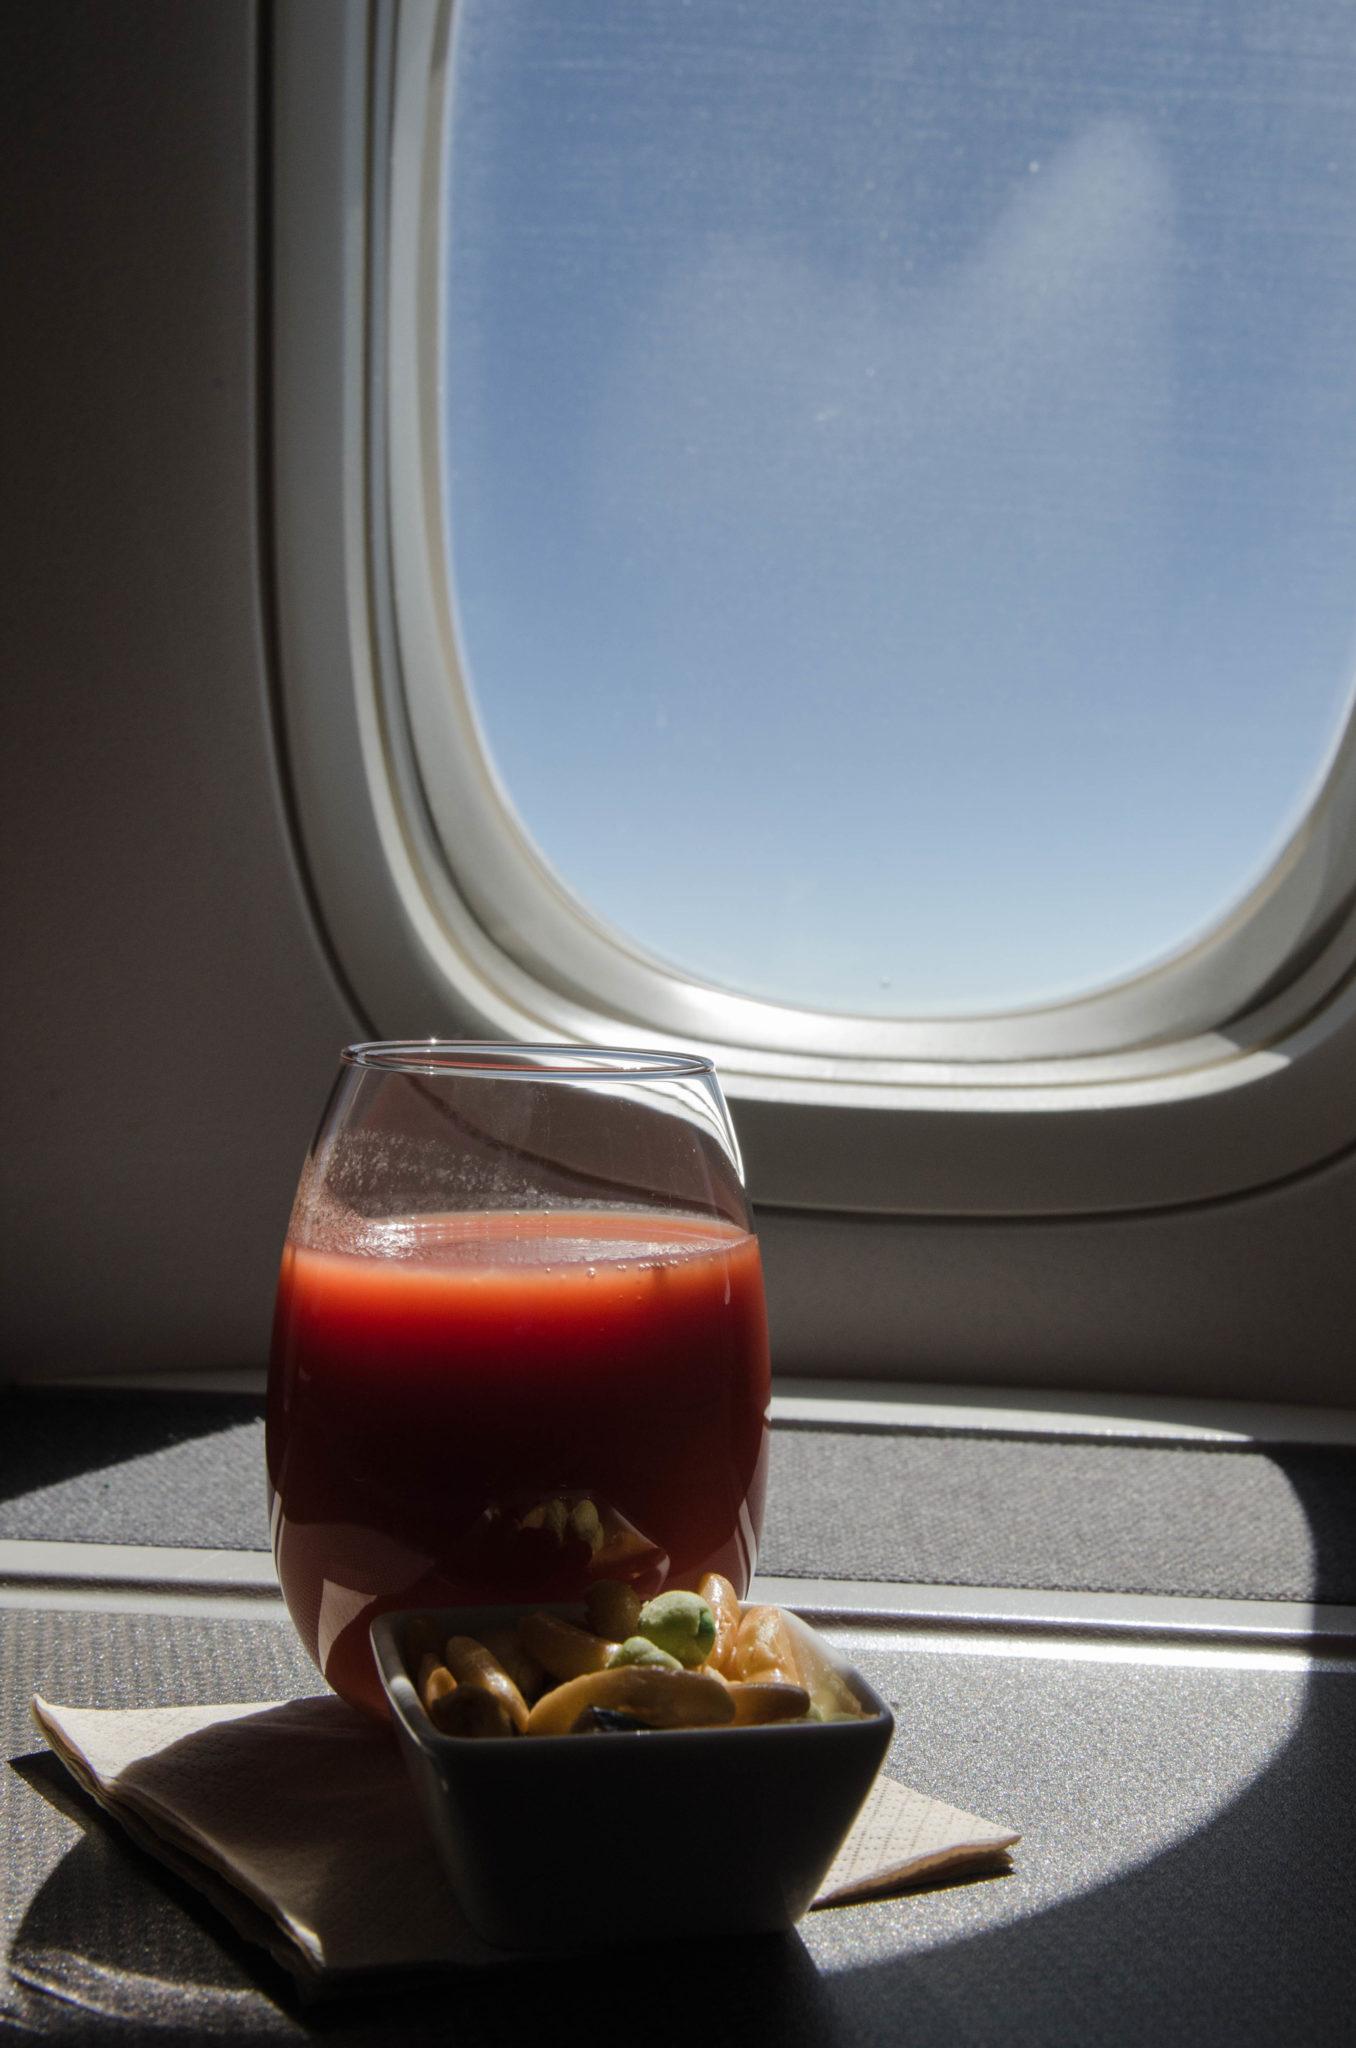 Auch nach dem Essen in der Cathay Pacific Business Class bleibt der Service super.